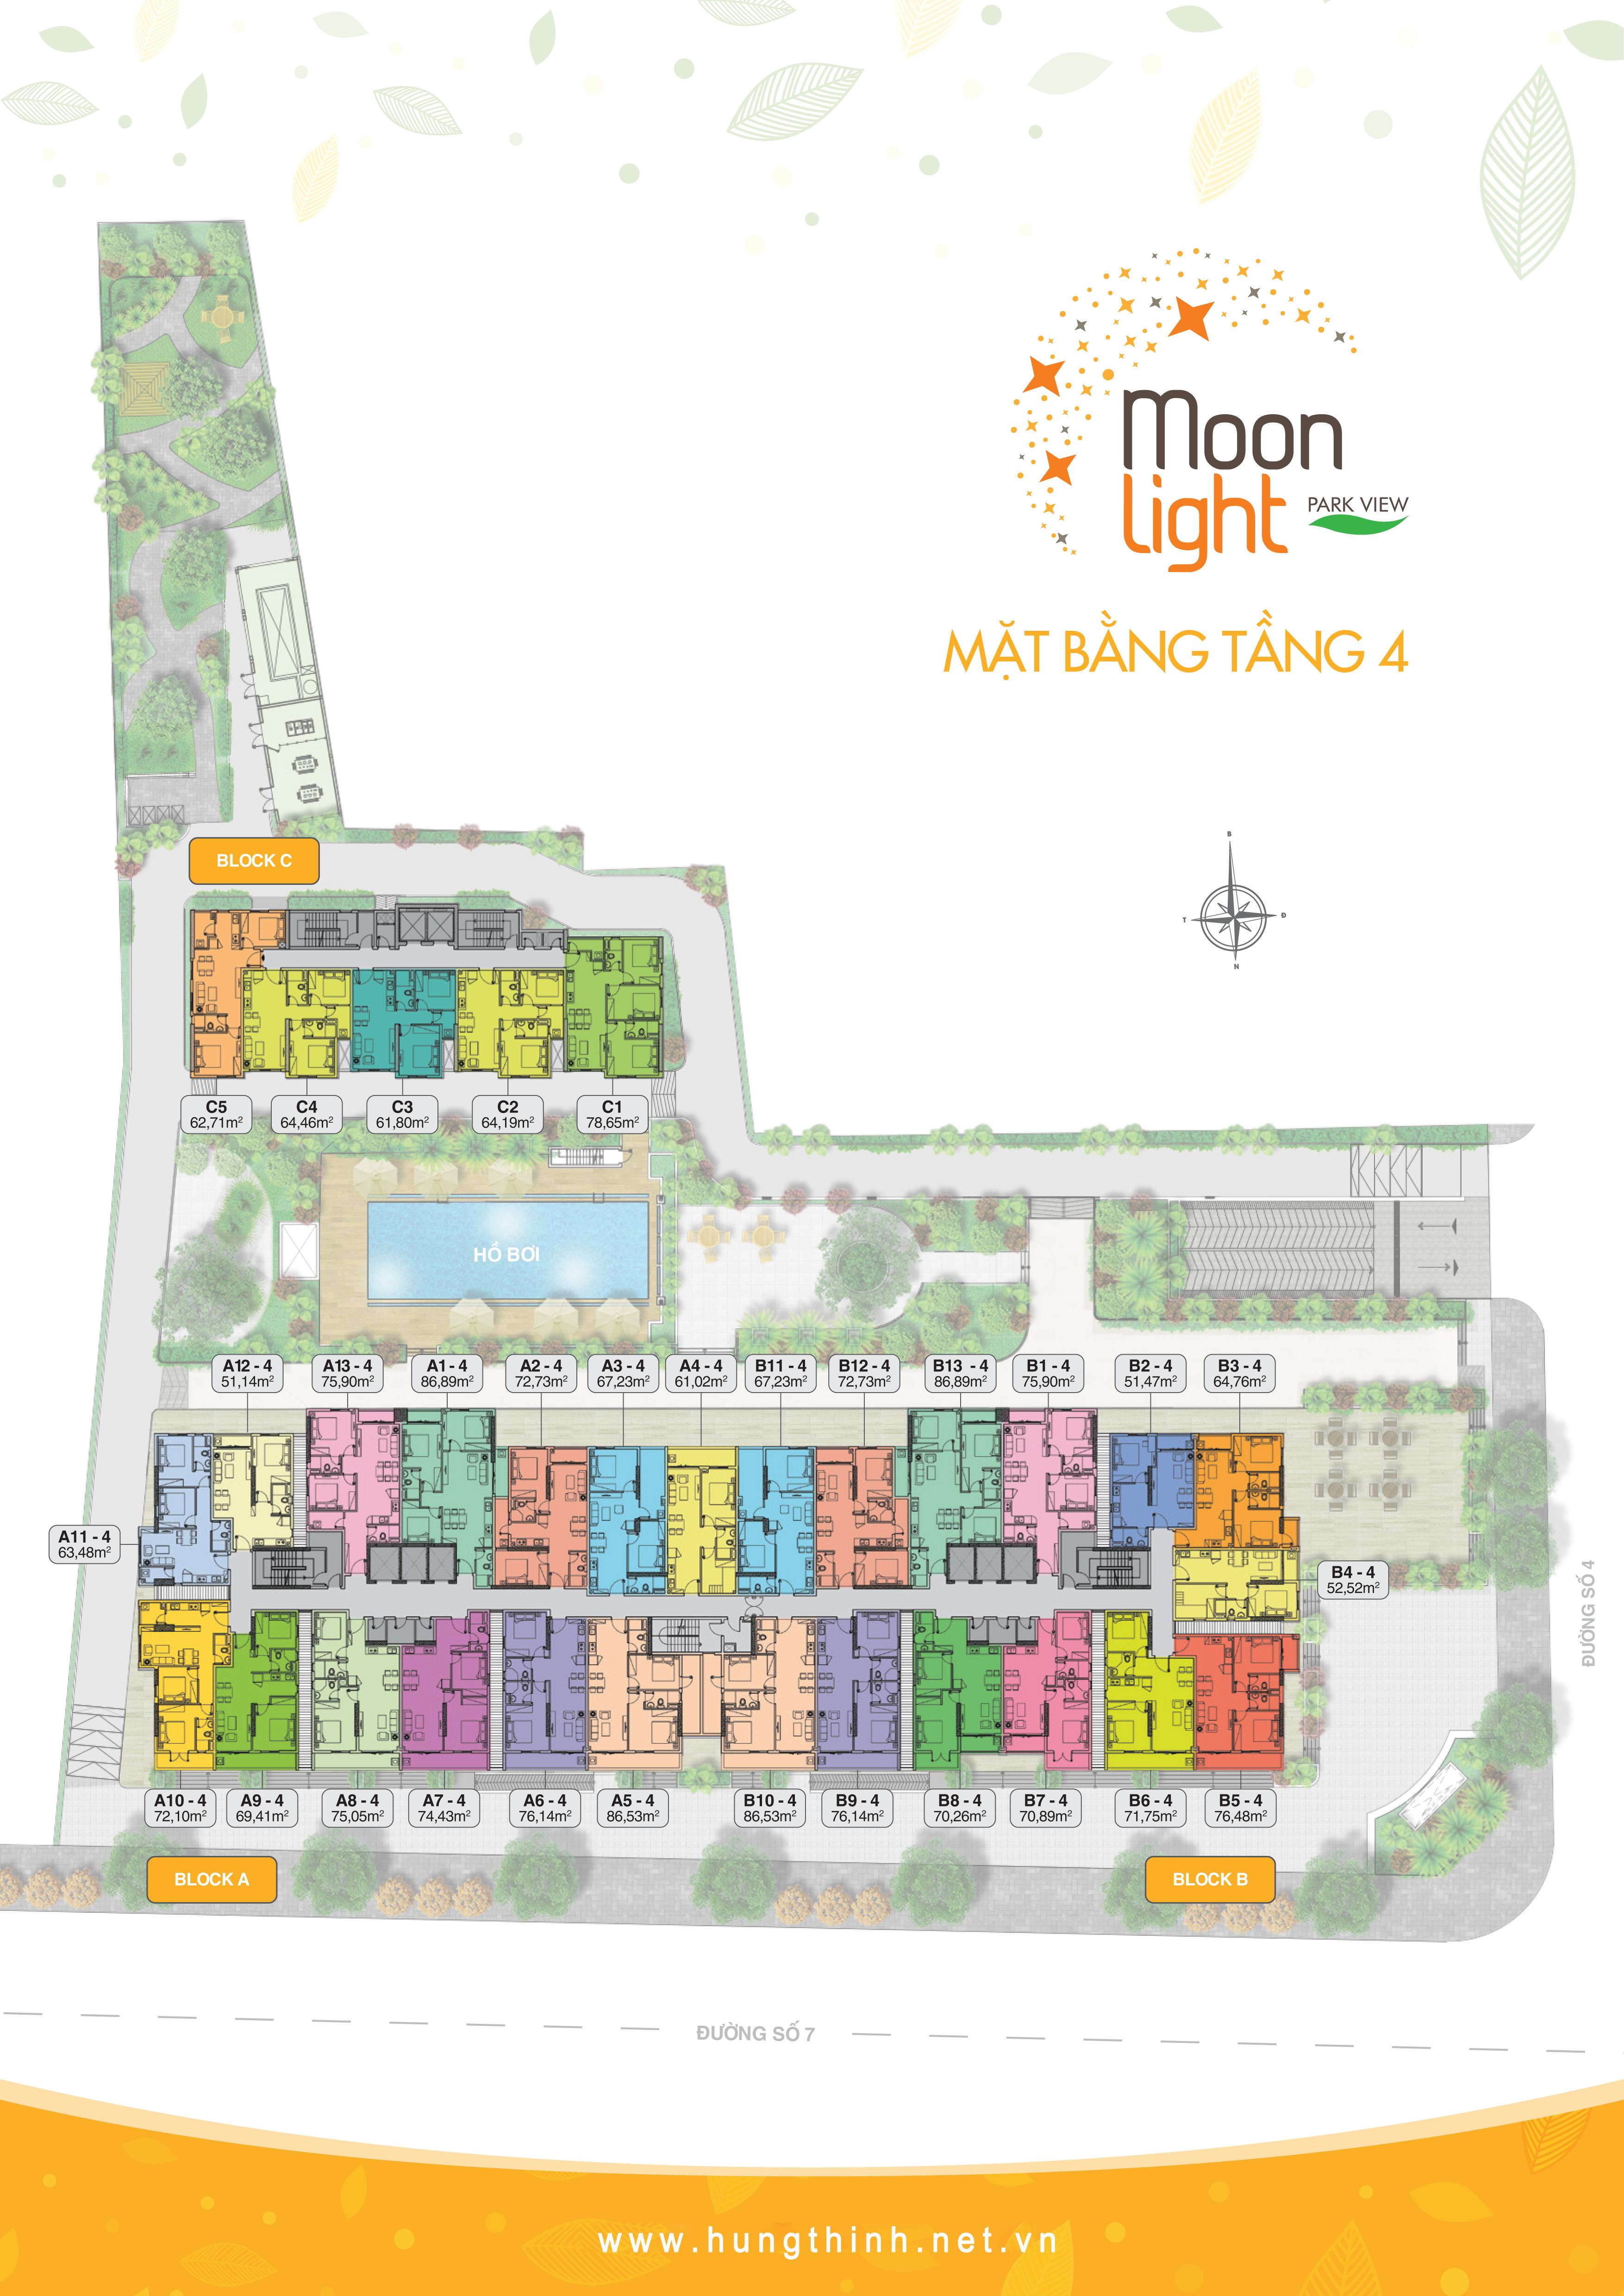 Dự án Moonlight Park View tọa lạc tại đường số 7 và 4 quận Bình Tân do Hưng Thịnh làm chủ đầu tư, dự kiến sẽ được tung ta thị trường vào đầu quý 4/2016